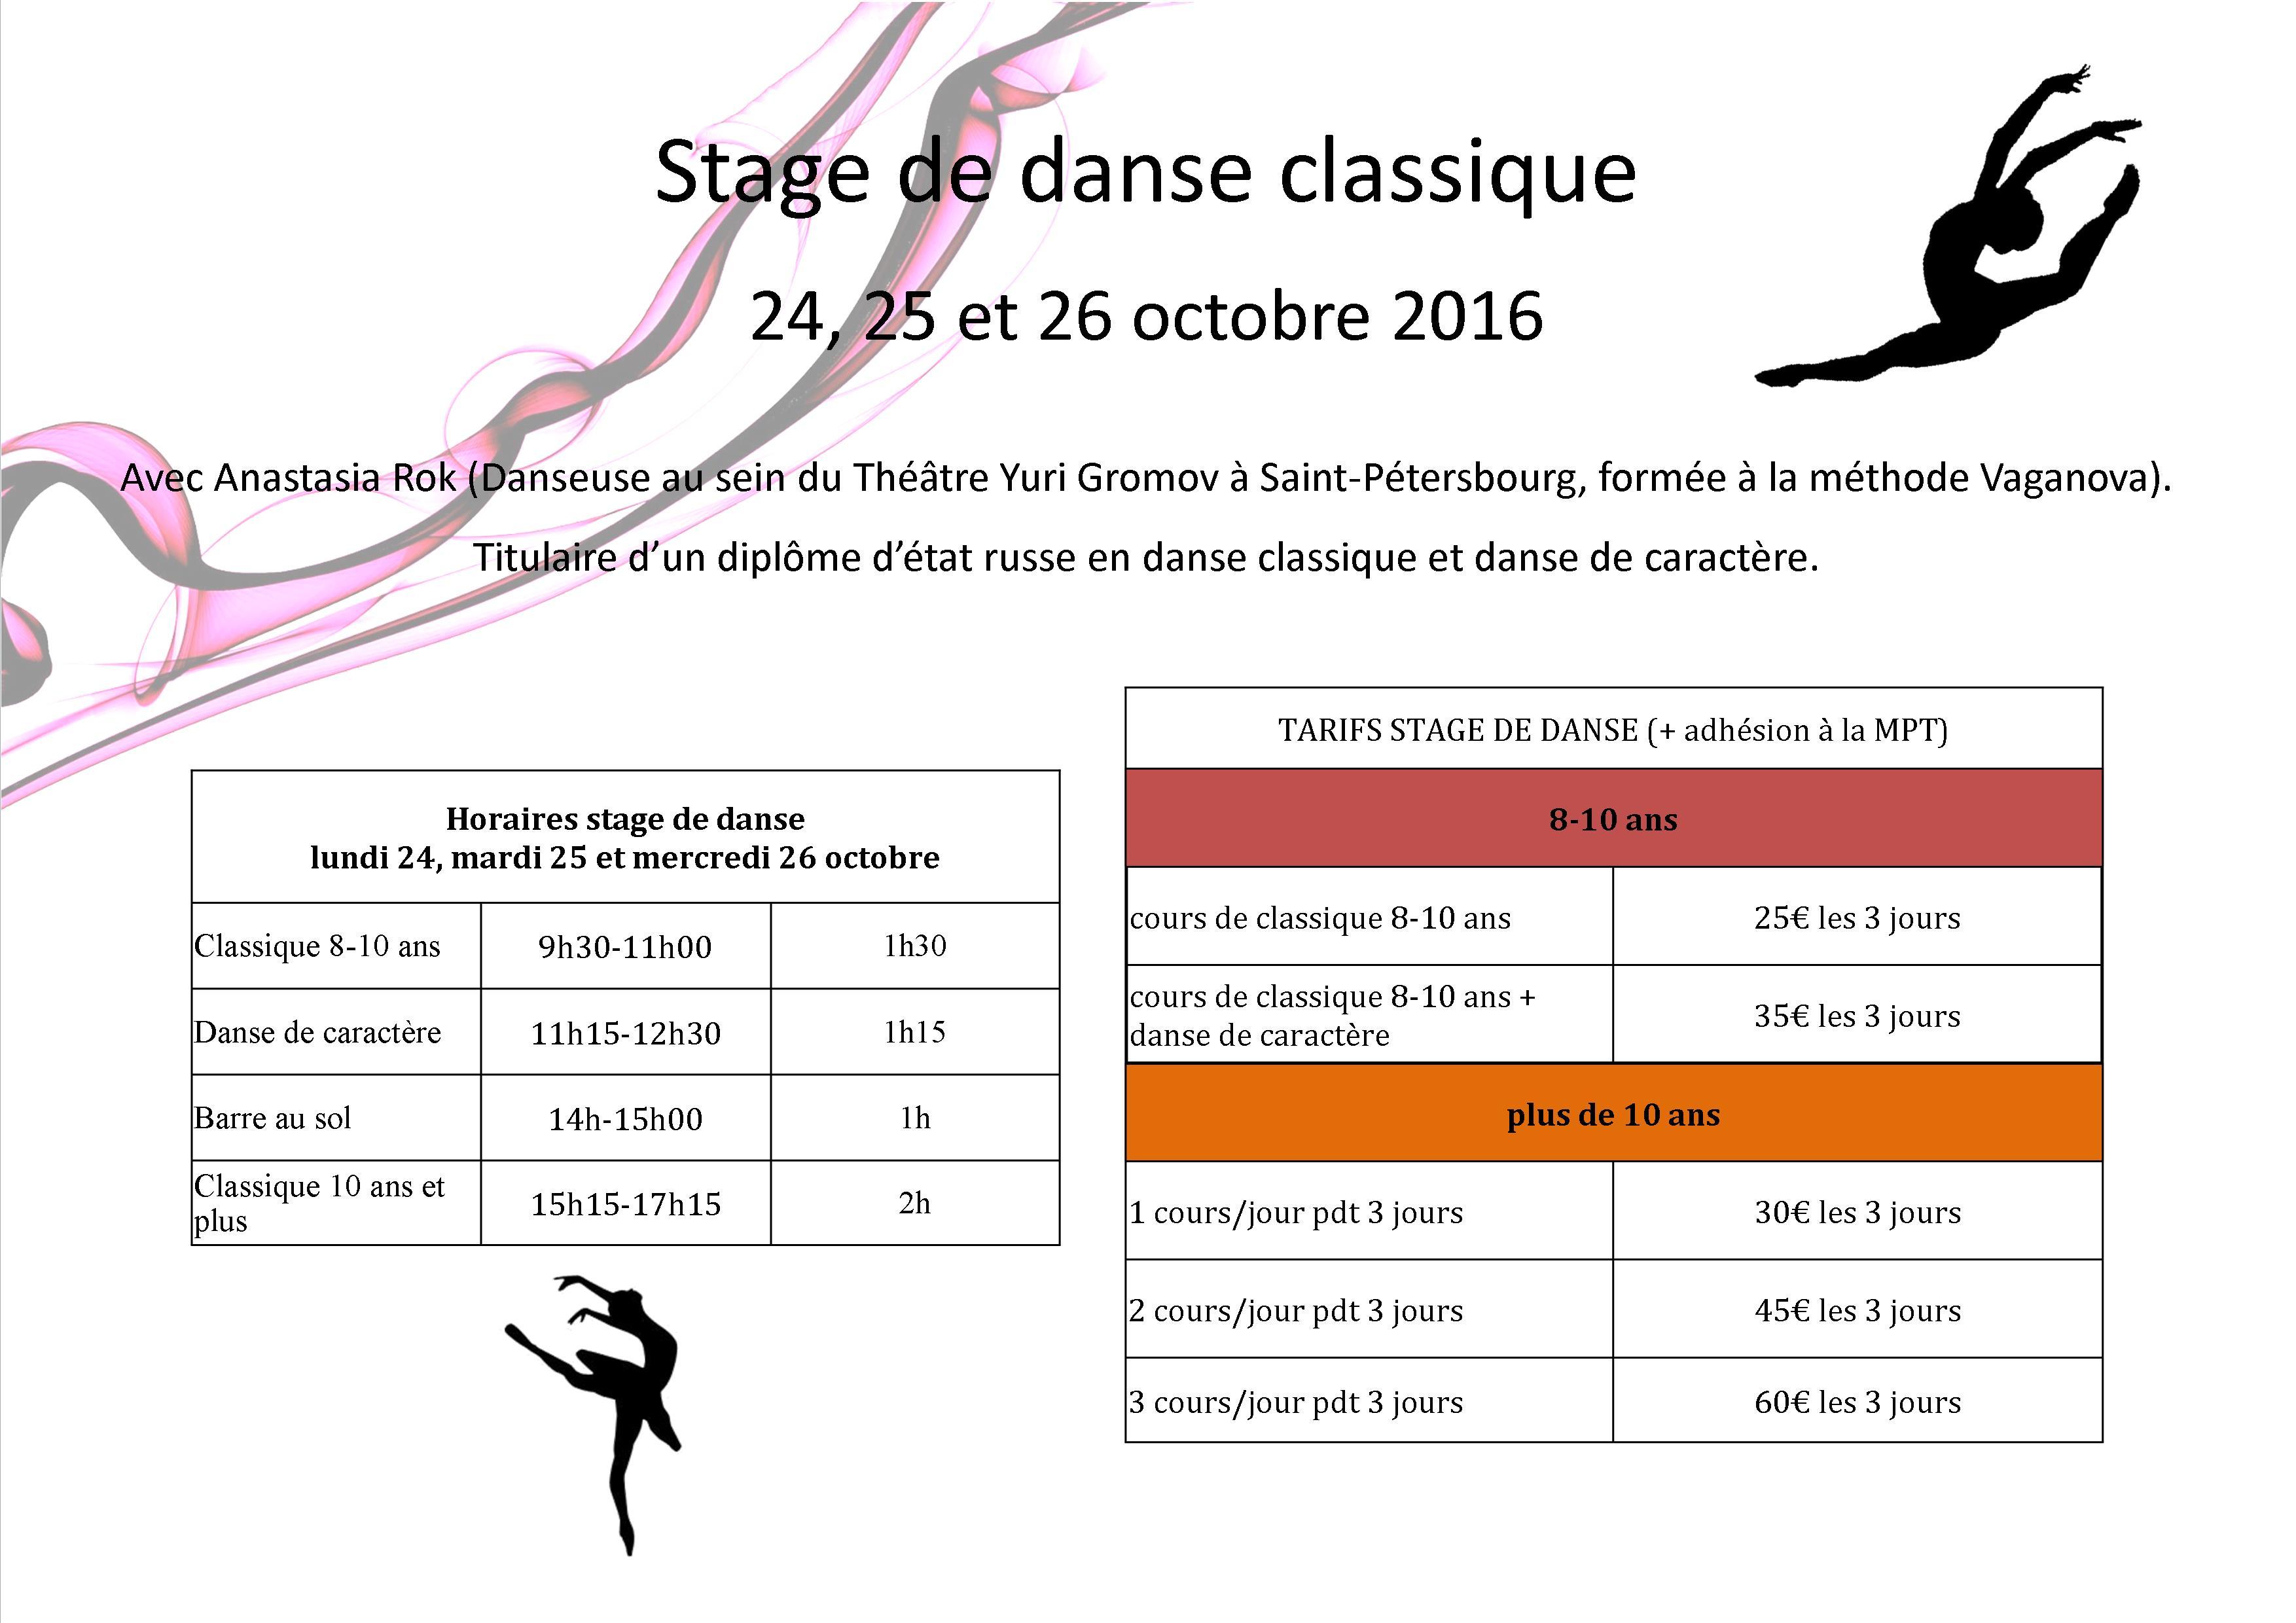 Stage de danse vacances de la toussaintmaison pour tous for Danse classique maison pour tous montpellier